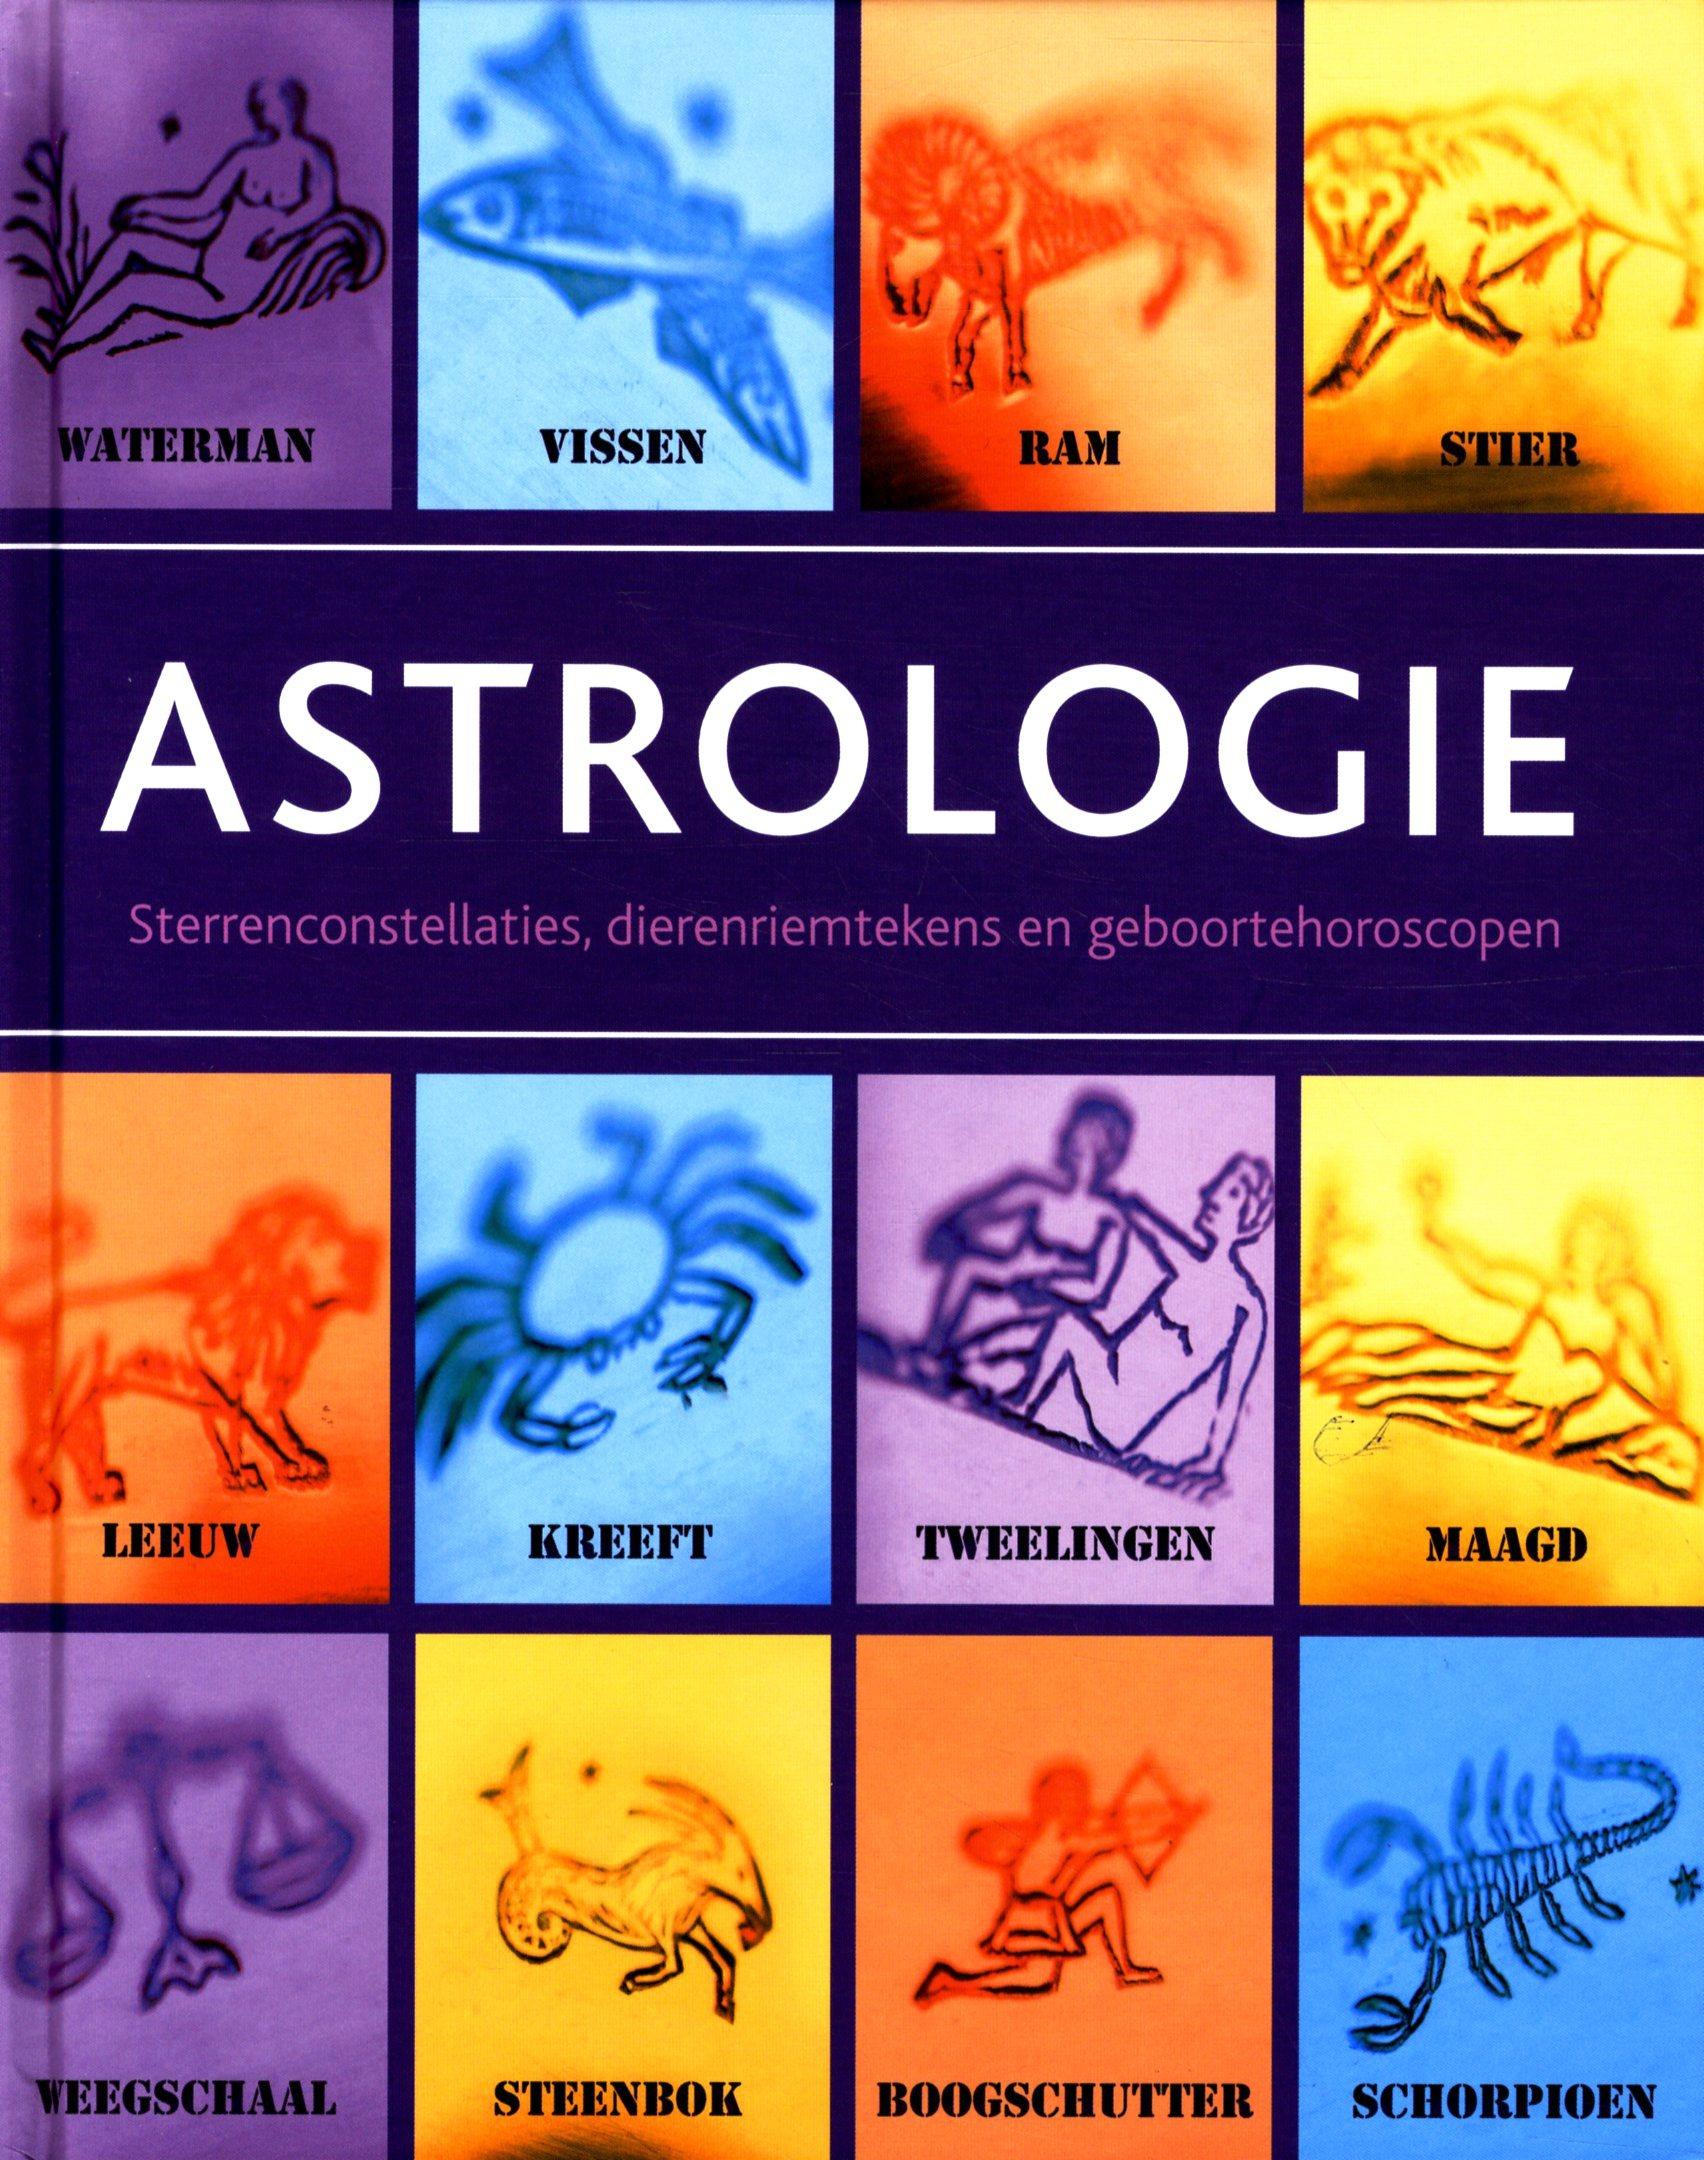 Astrologie, geboortehoroscopen,